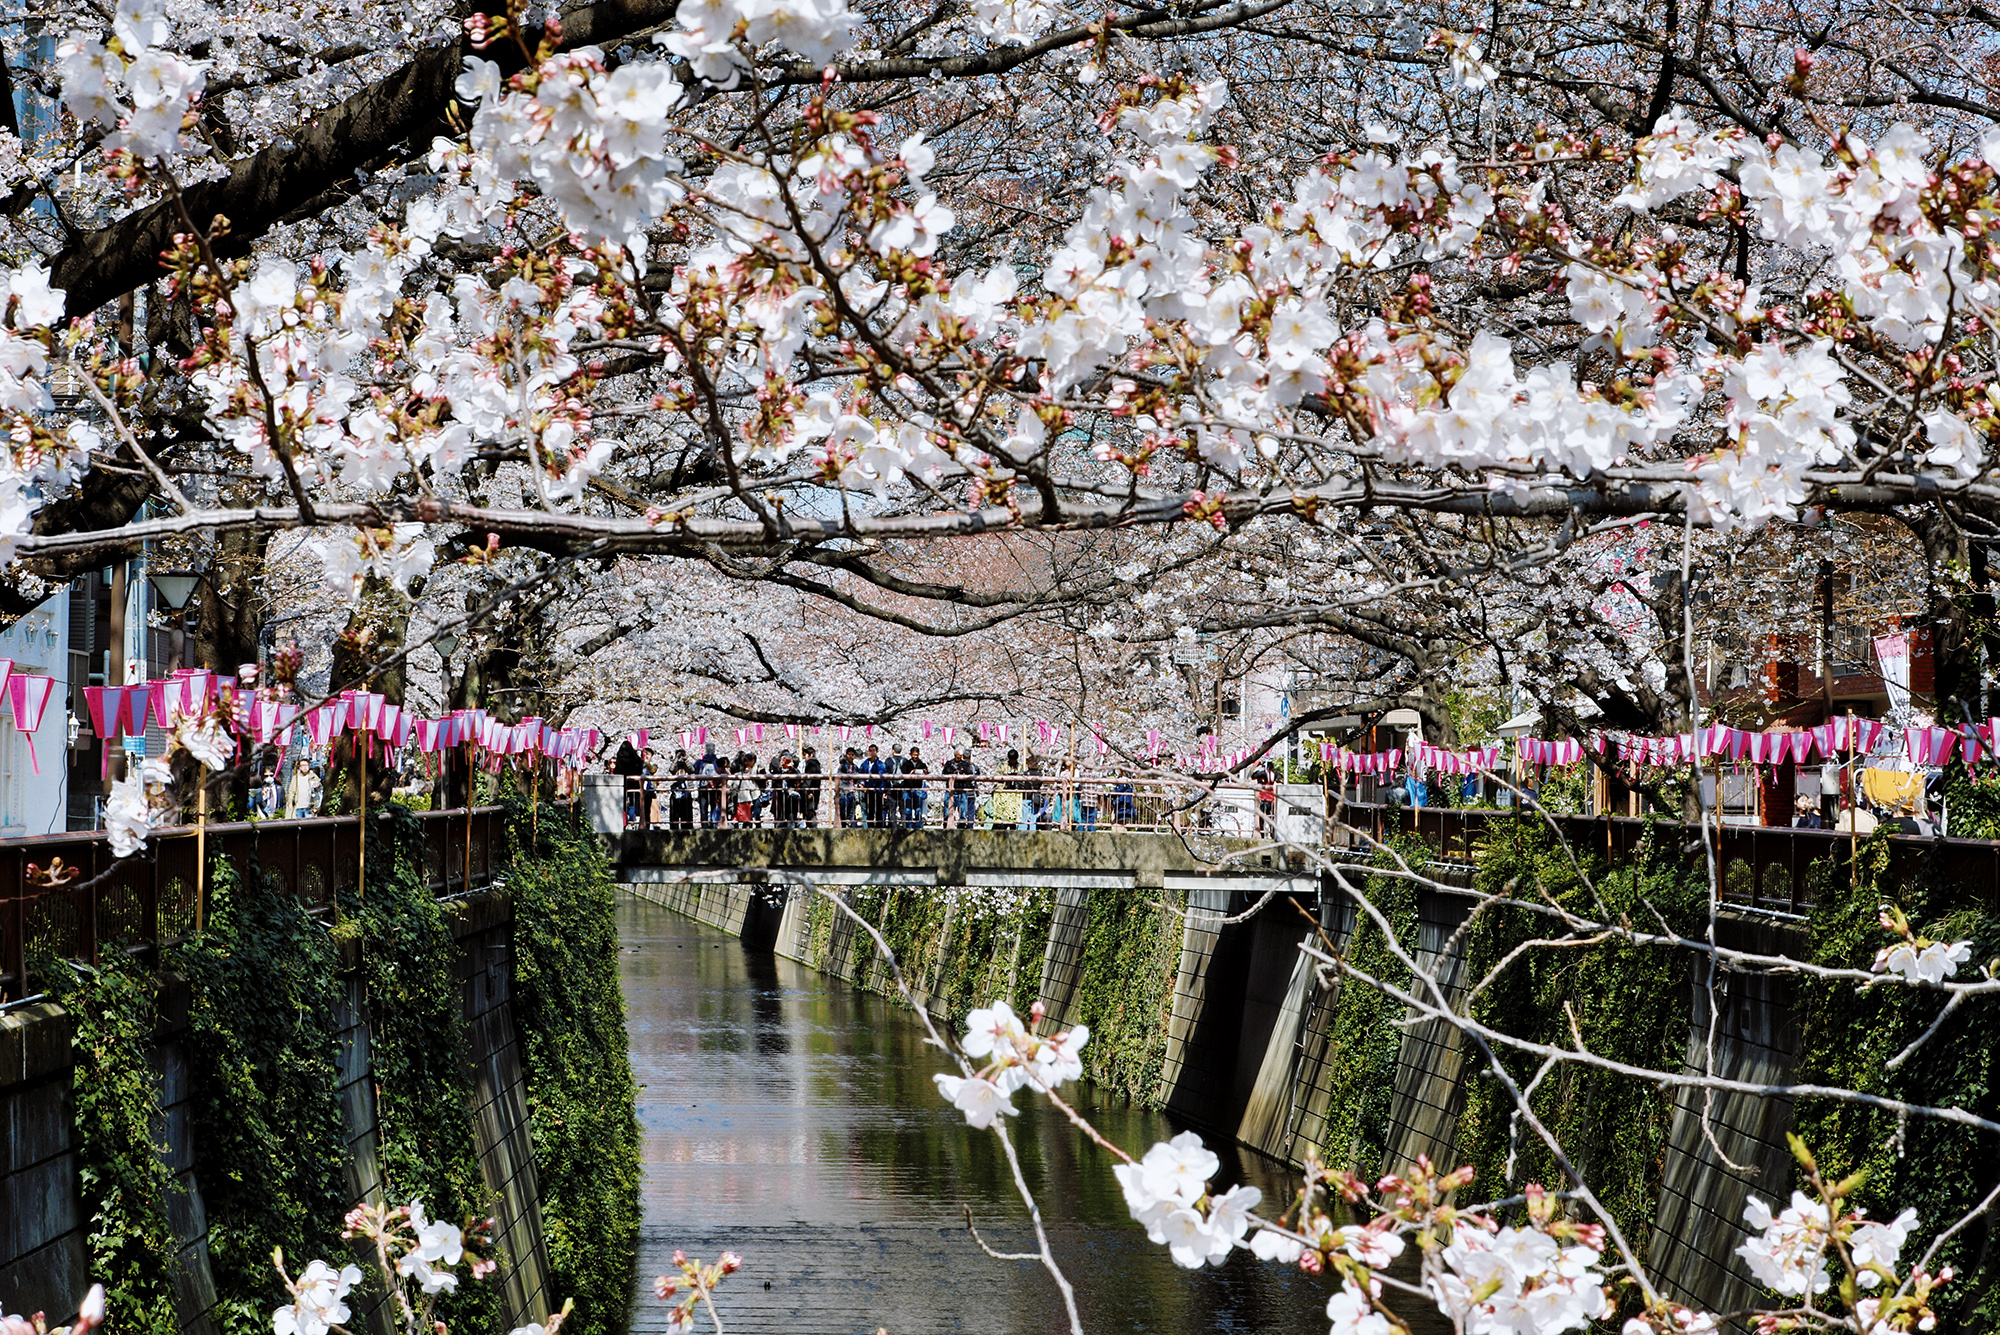 Люди смотрят нацветущую вищню смоста черезреку Мегуро вТокио